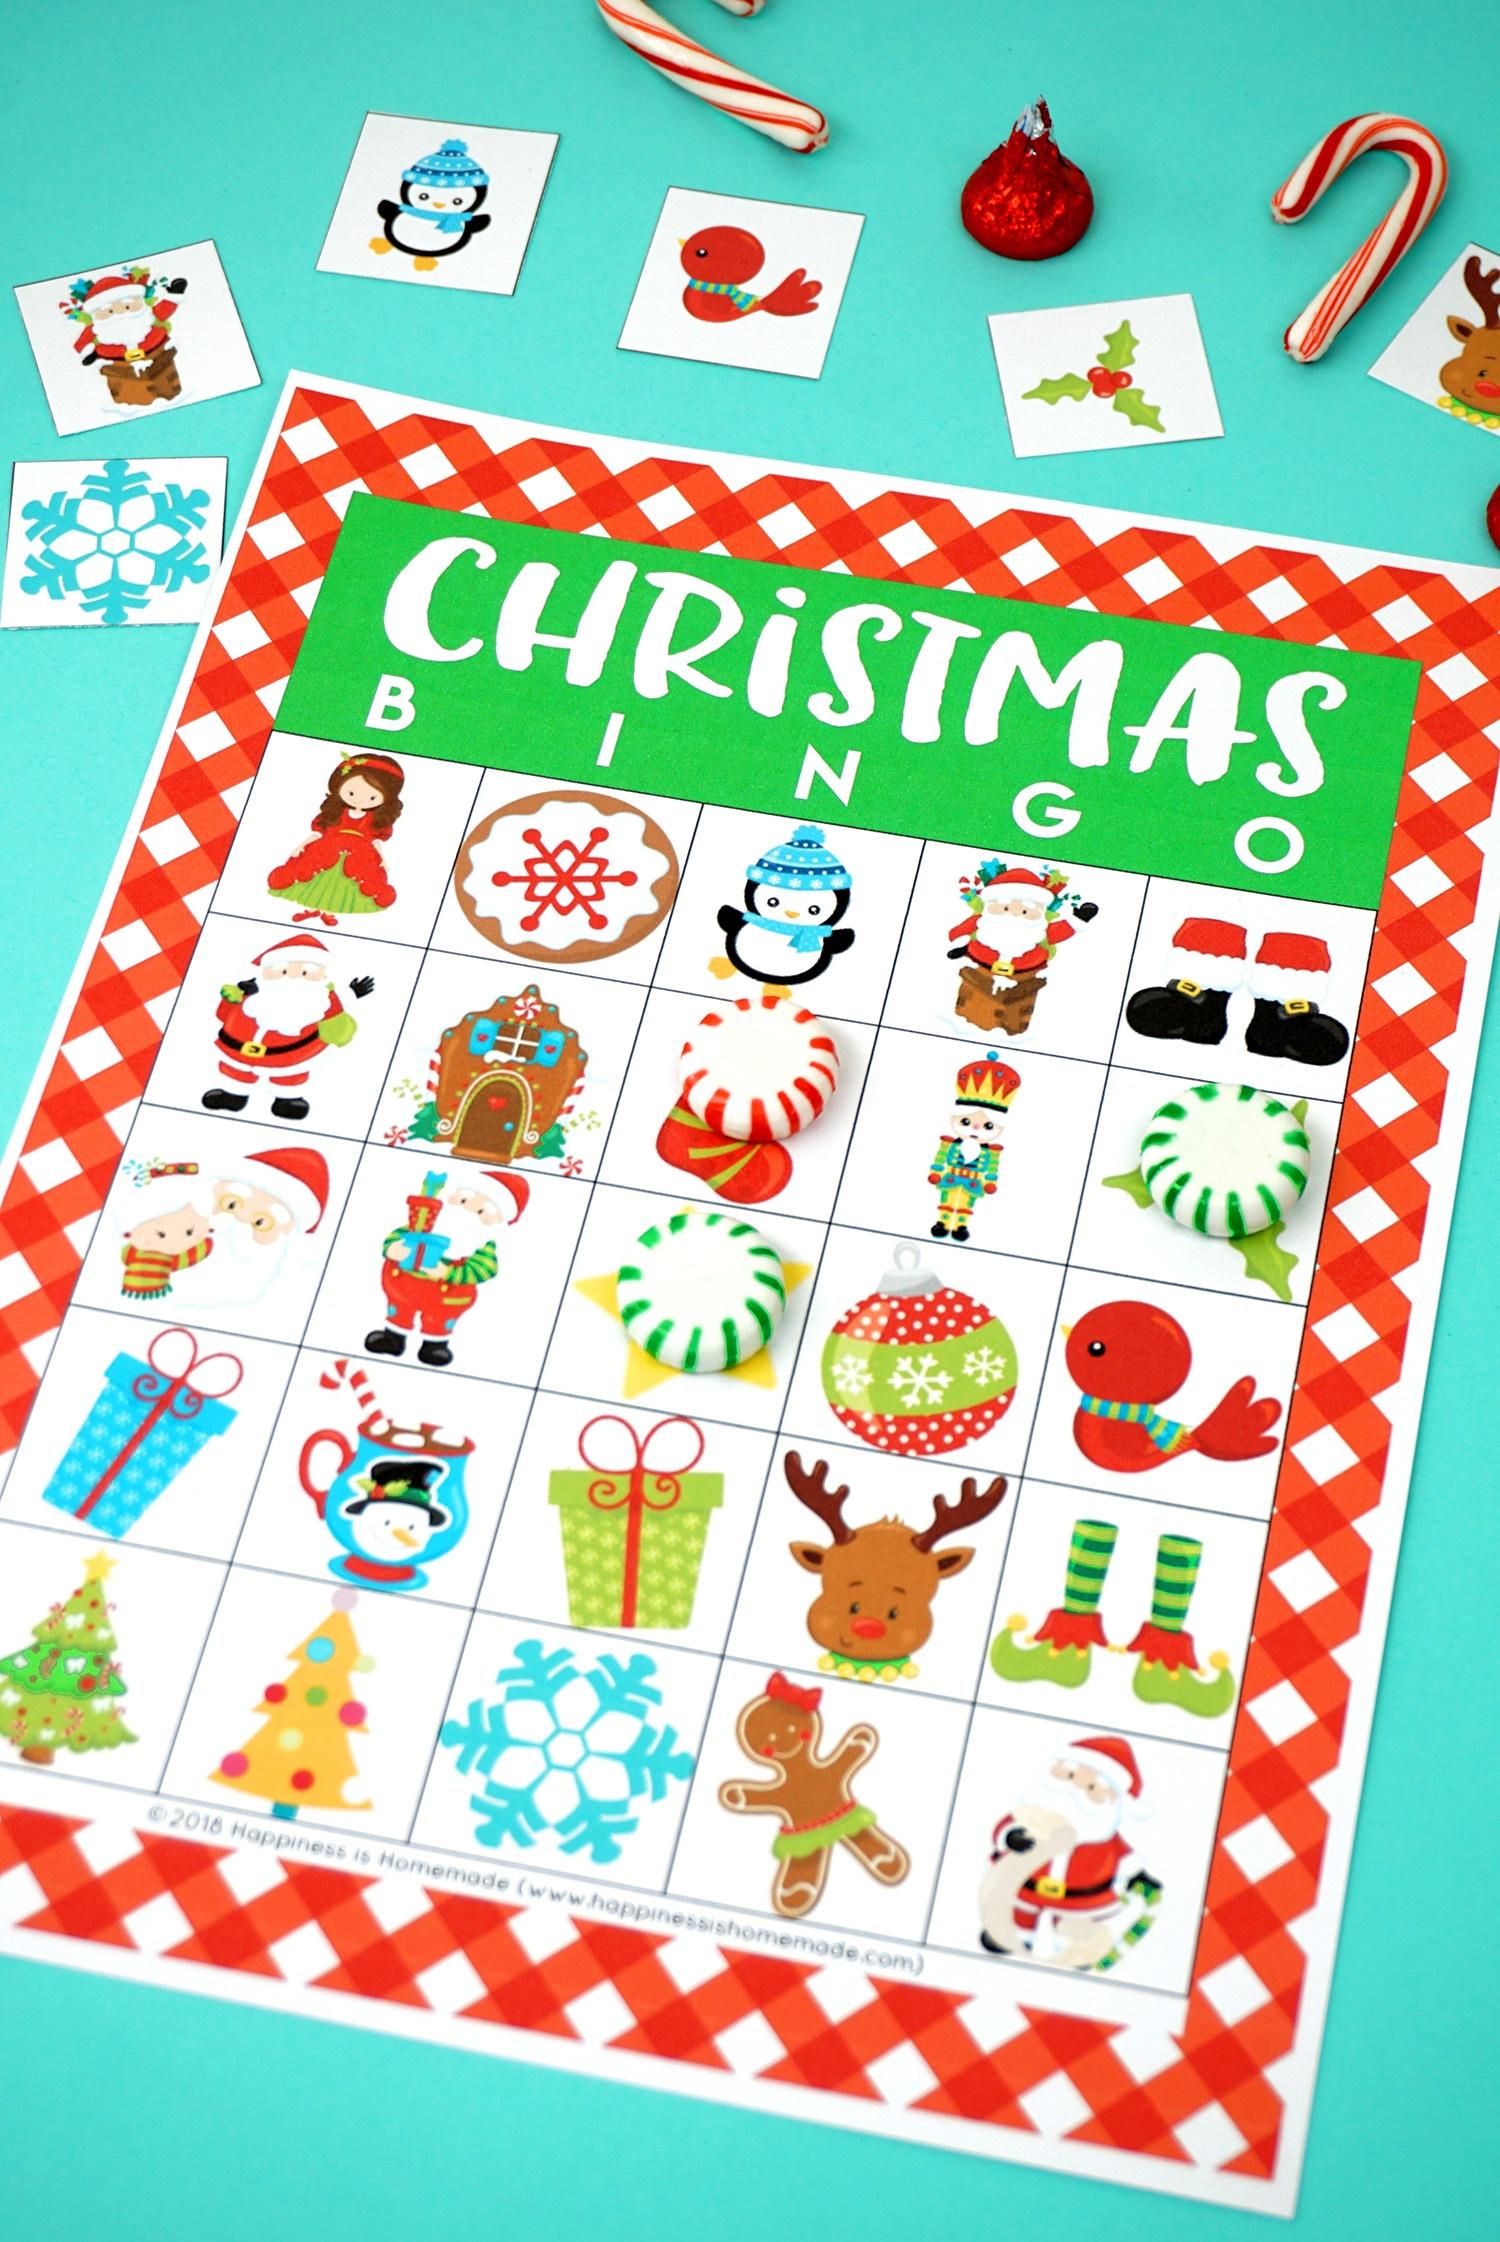 Printable Christmas Bingo Game - Happiness Is Homemade - 20 Free Printable Christmas Bingo Cards